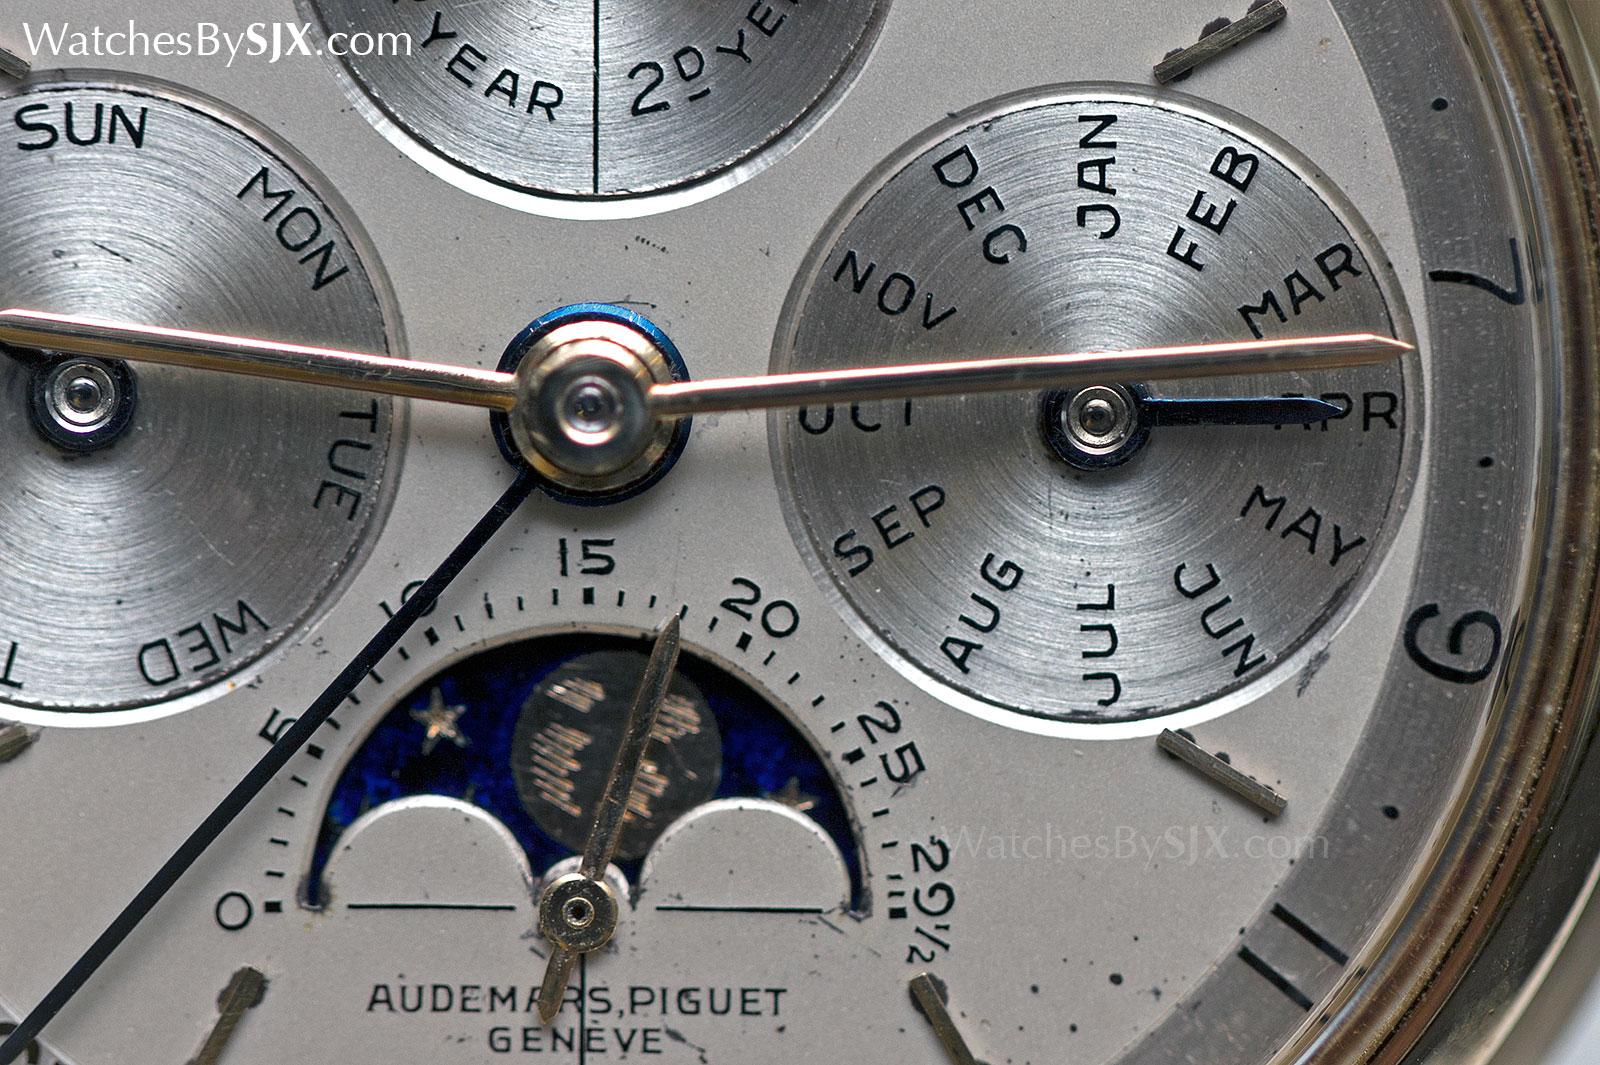 Audemars Piguet Perpetual Calendar 5516 - 3